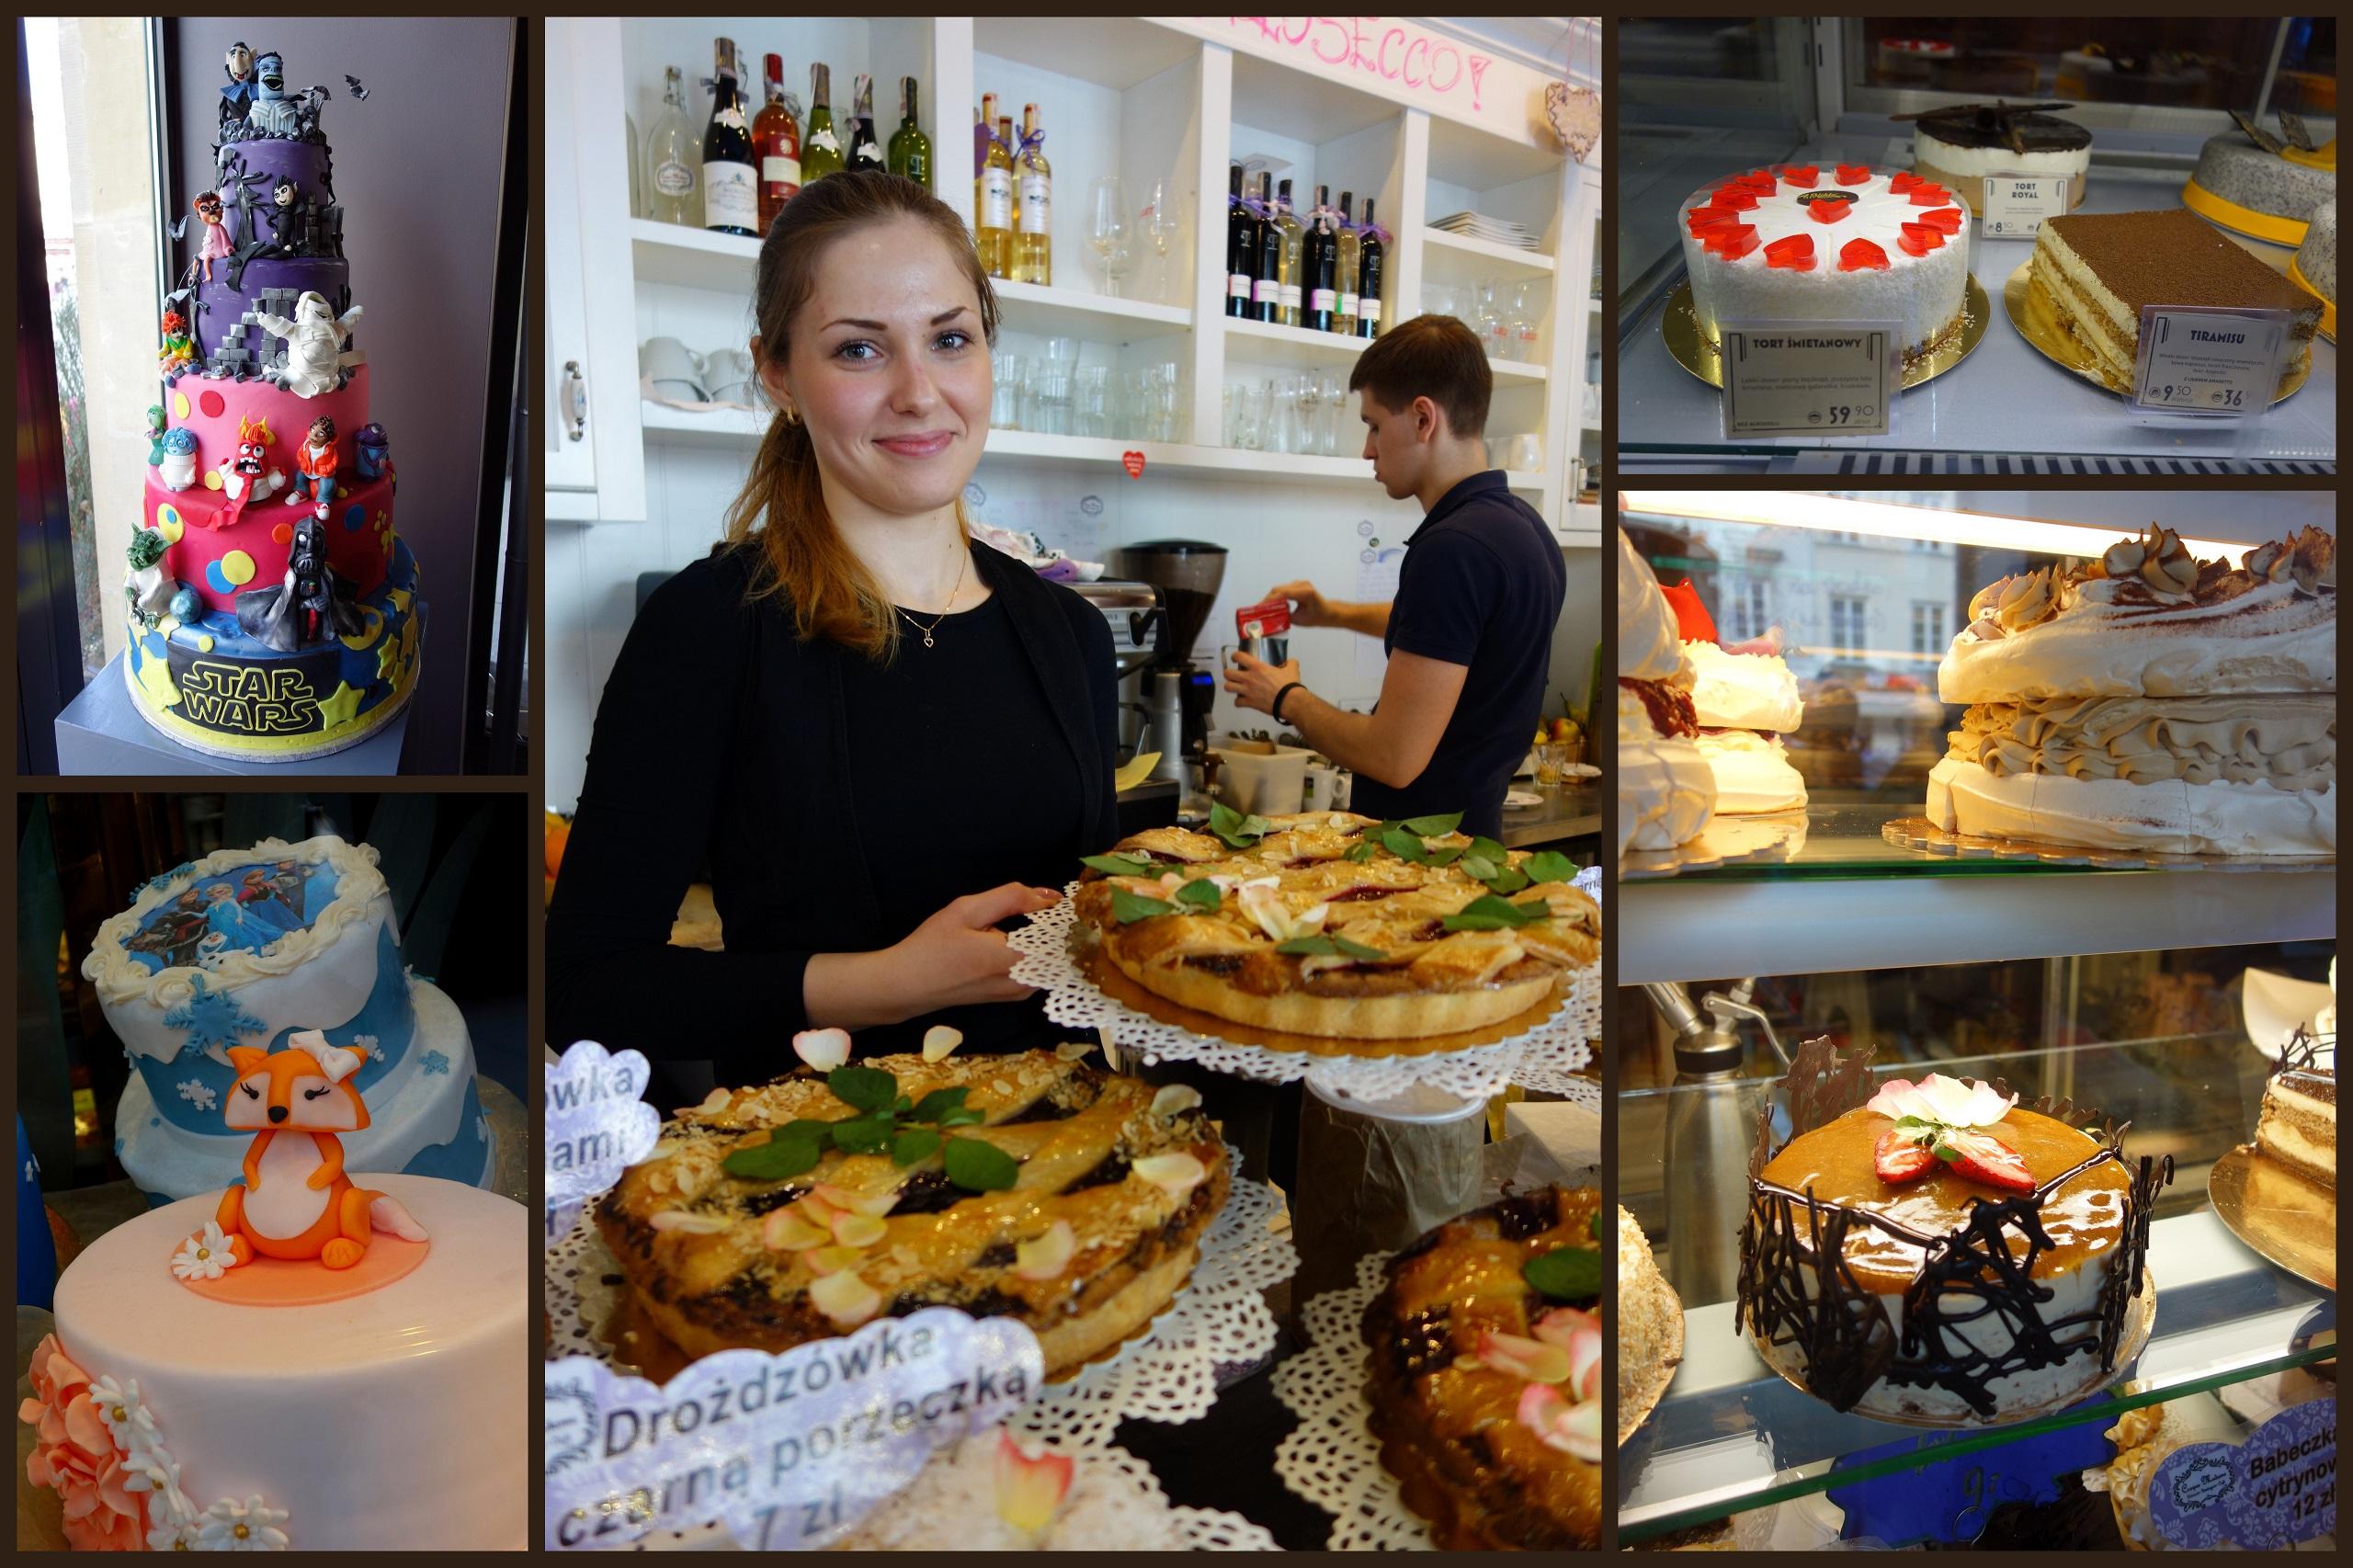 Cukiernie i kawiarnie w Warszawie - dawniej i dziś! Dziękuję kelnerce z Croque Madame za pozowanie do zdjęcia :)